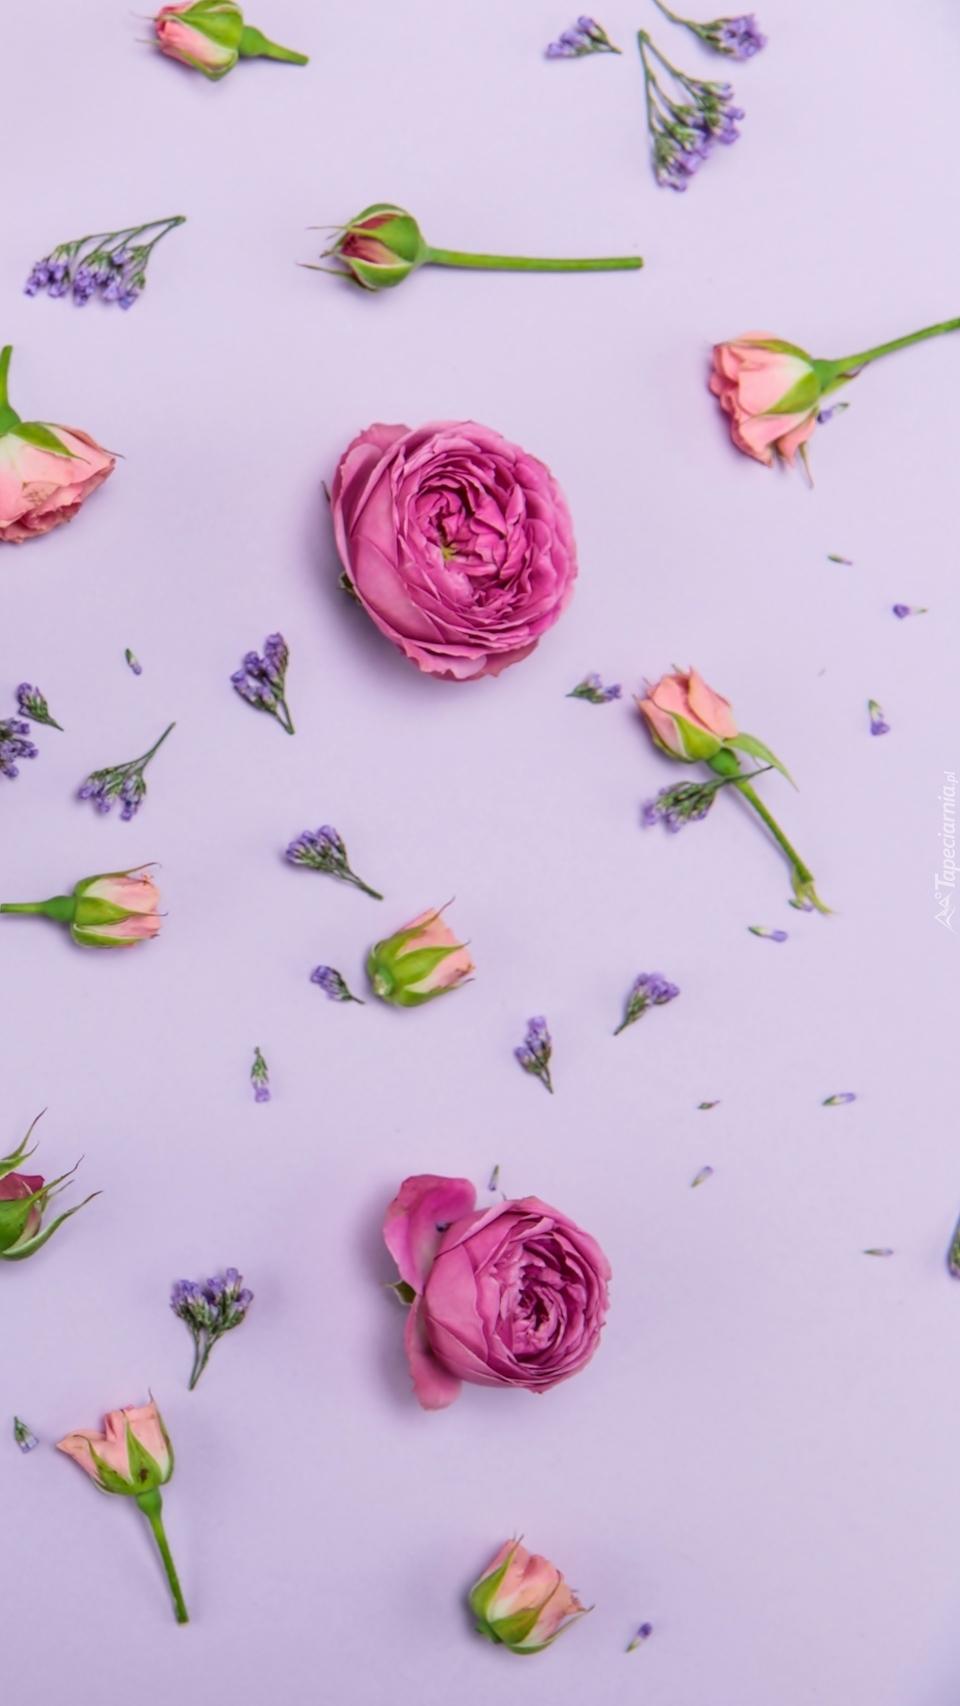 Rozrzucone kwiatki